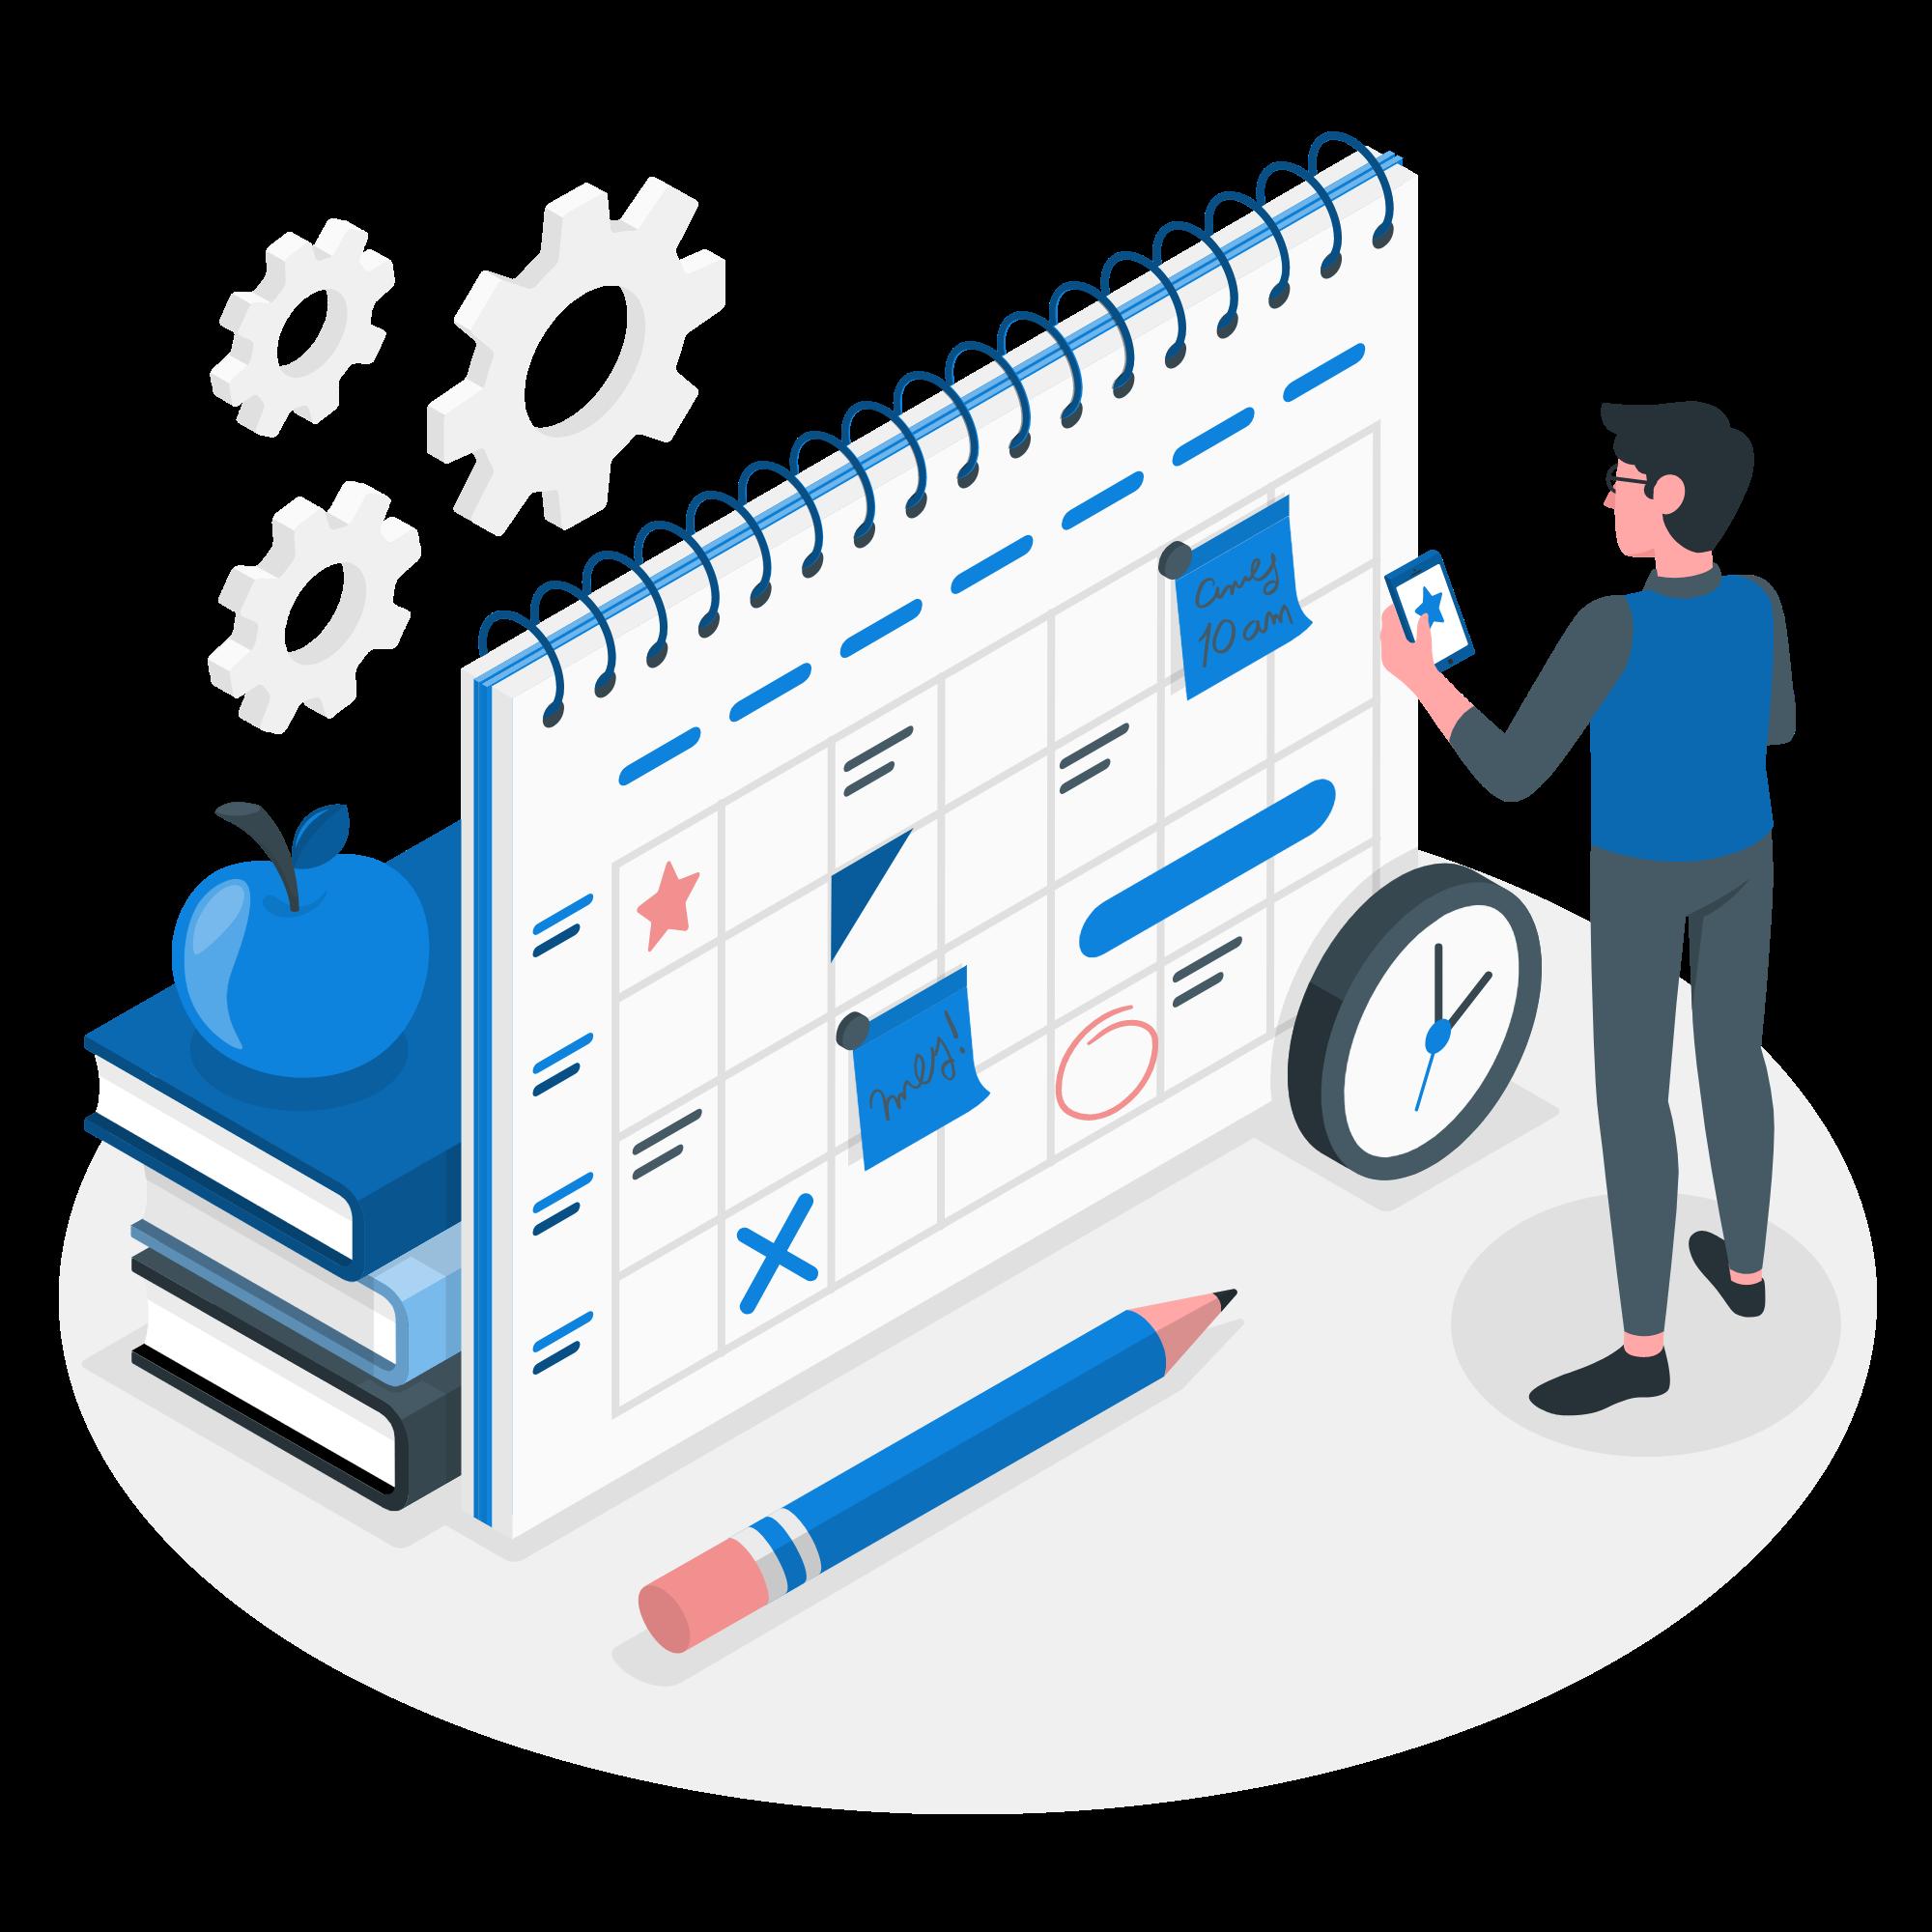 План-помощник от ПромоНЕО для вашего маркетолога/таргетолога повышения прибыли для вашей онлайн школы с гарантией результата за 30 дней